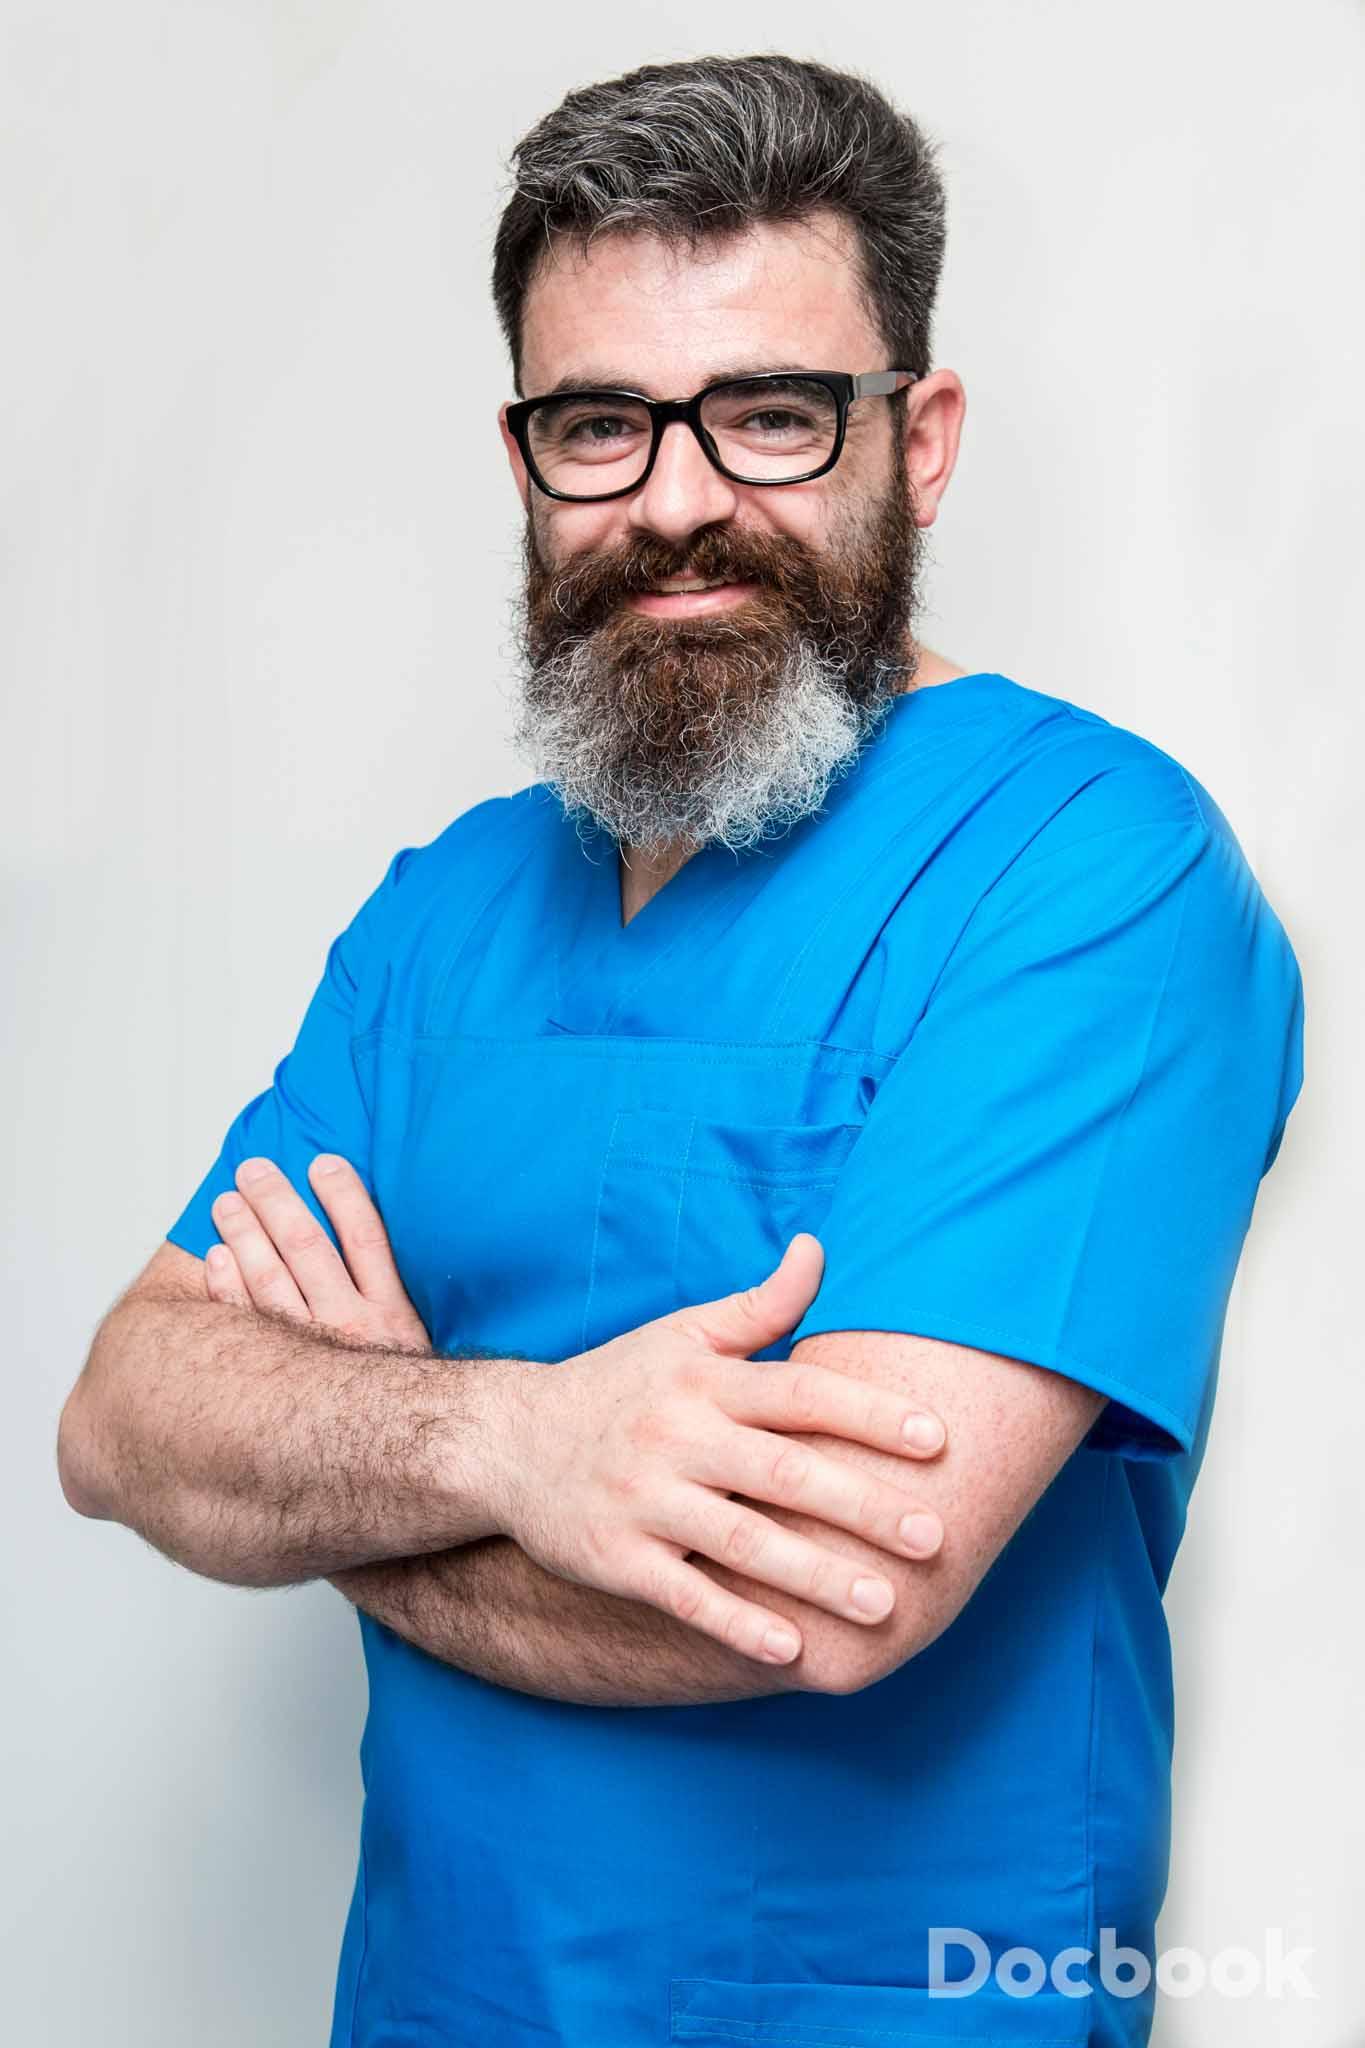 Dr. Oleg Godoroja